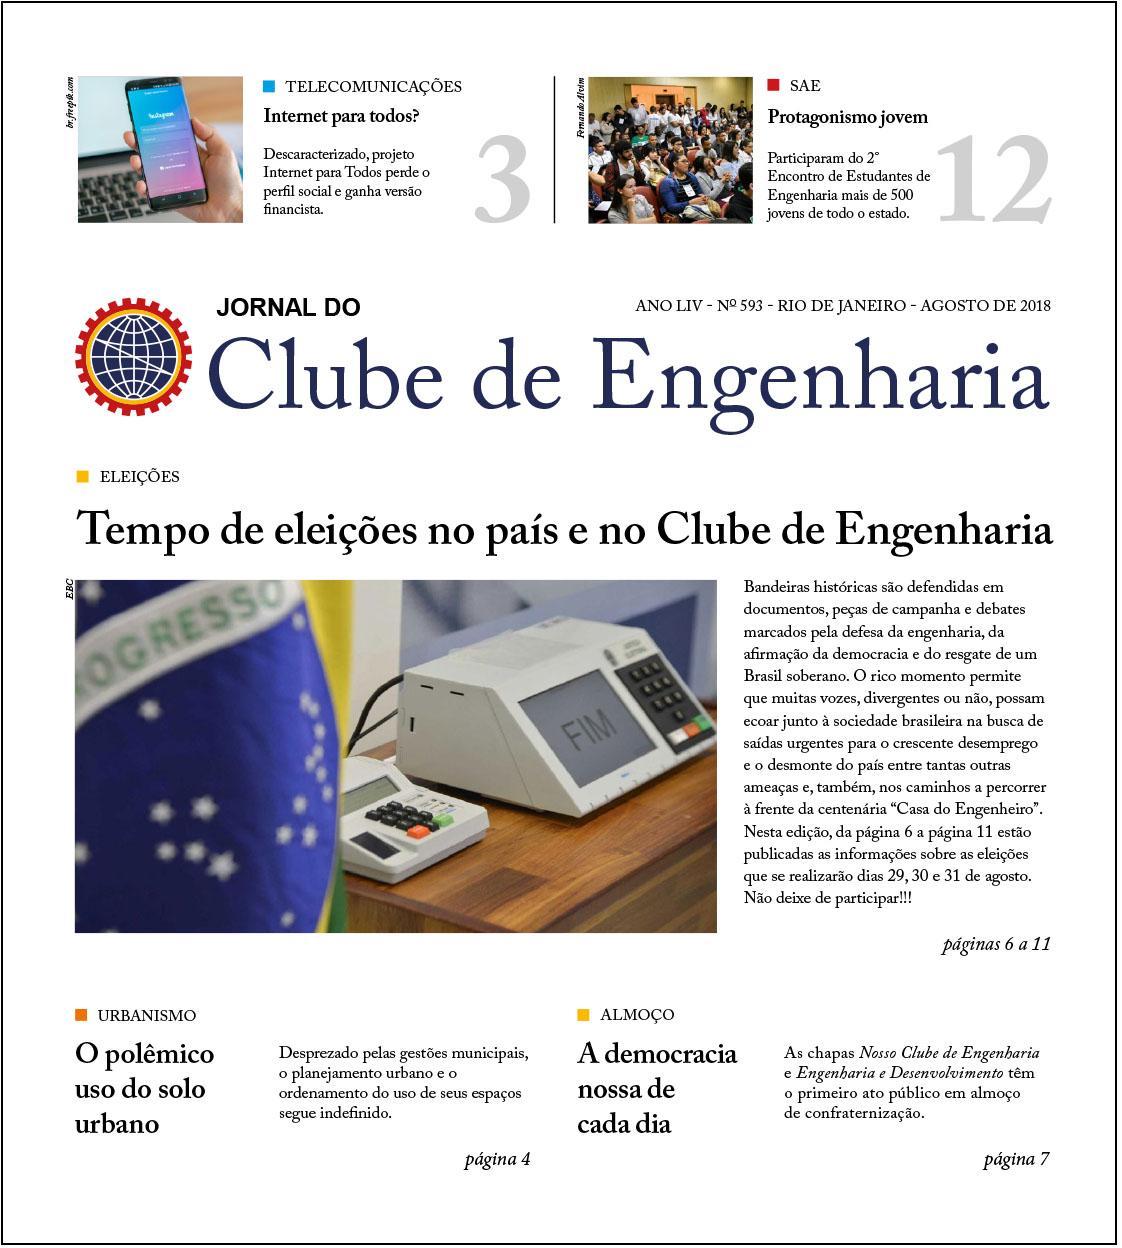 Capa jornal Clube de Engenharia 593 de agosto de 2018